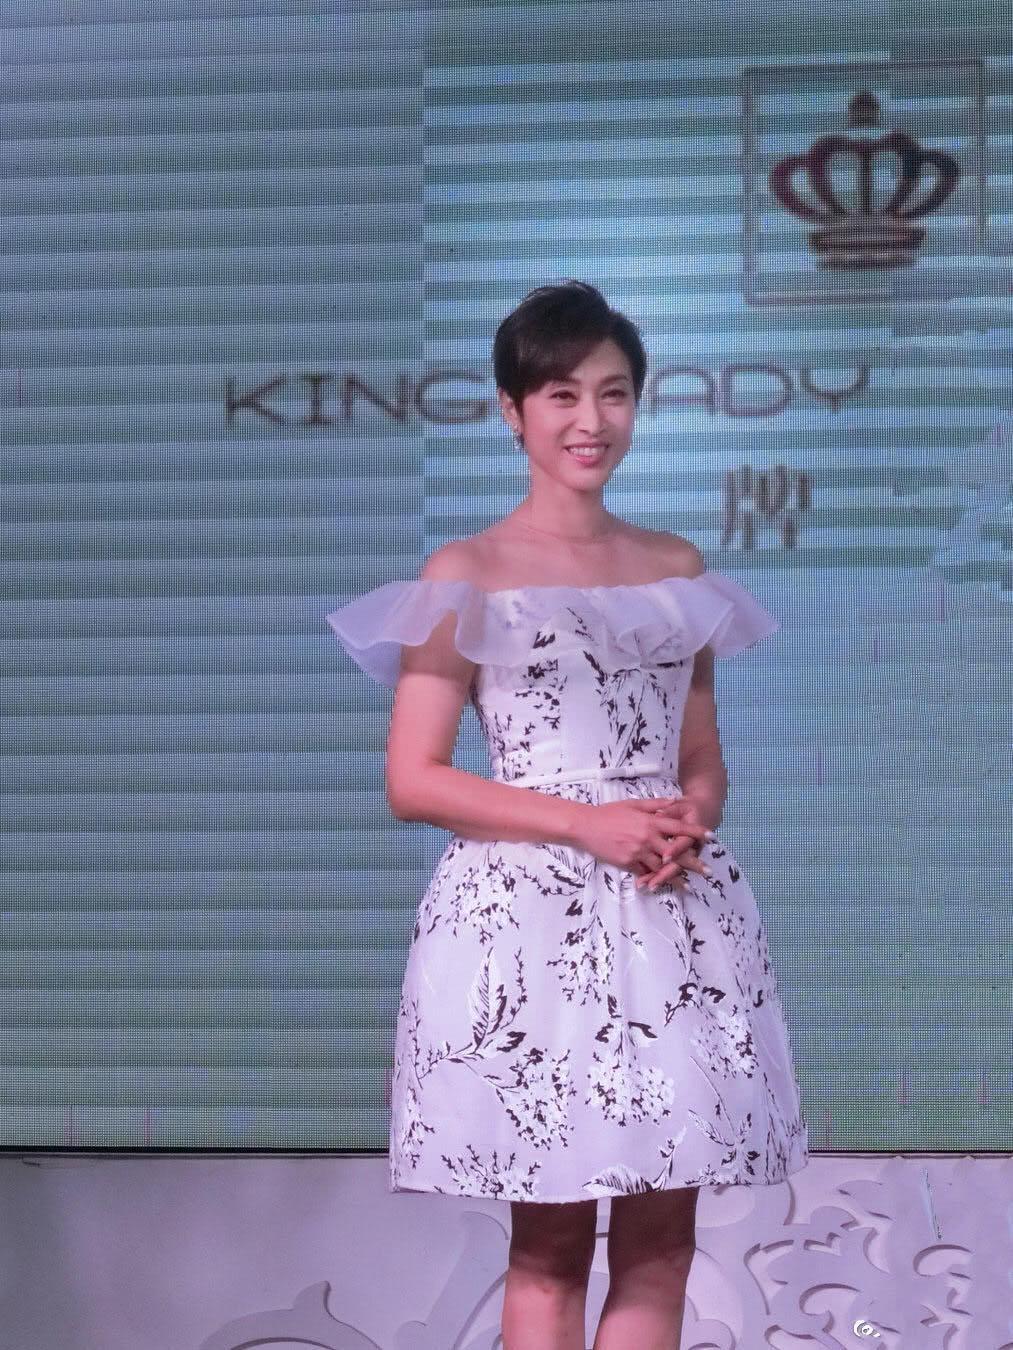 陈法蓉真有52岁身穿印花一字肩连衣裙现活动,超短发好减龄